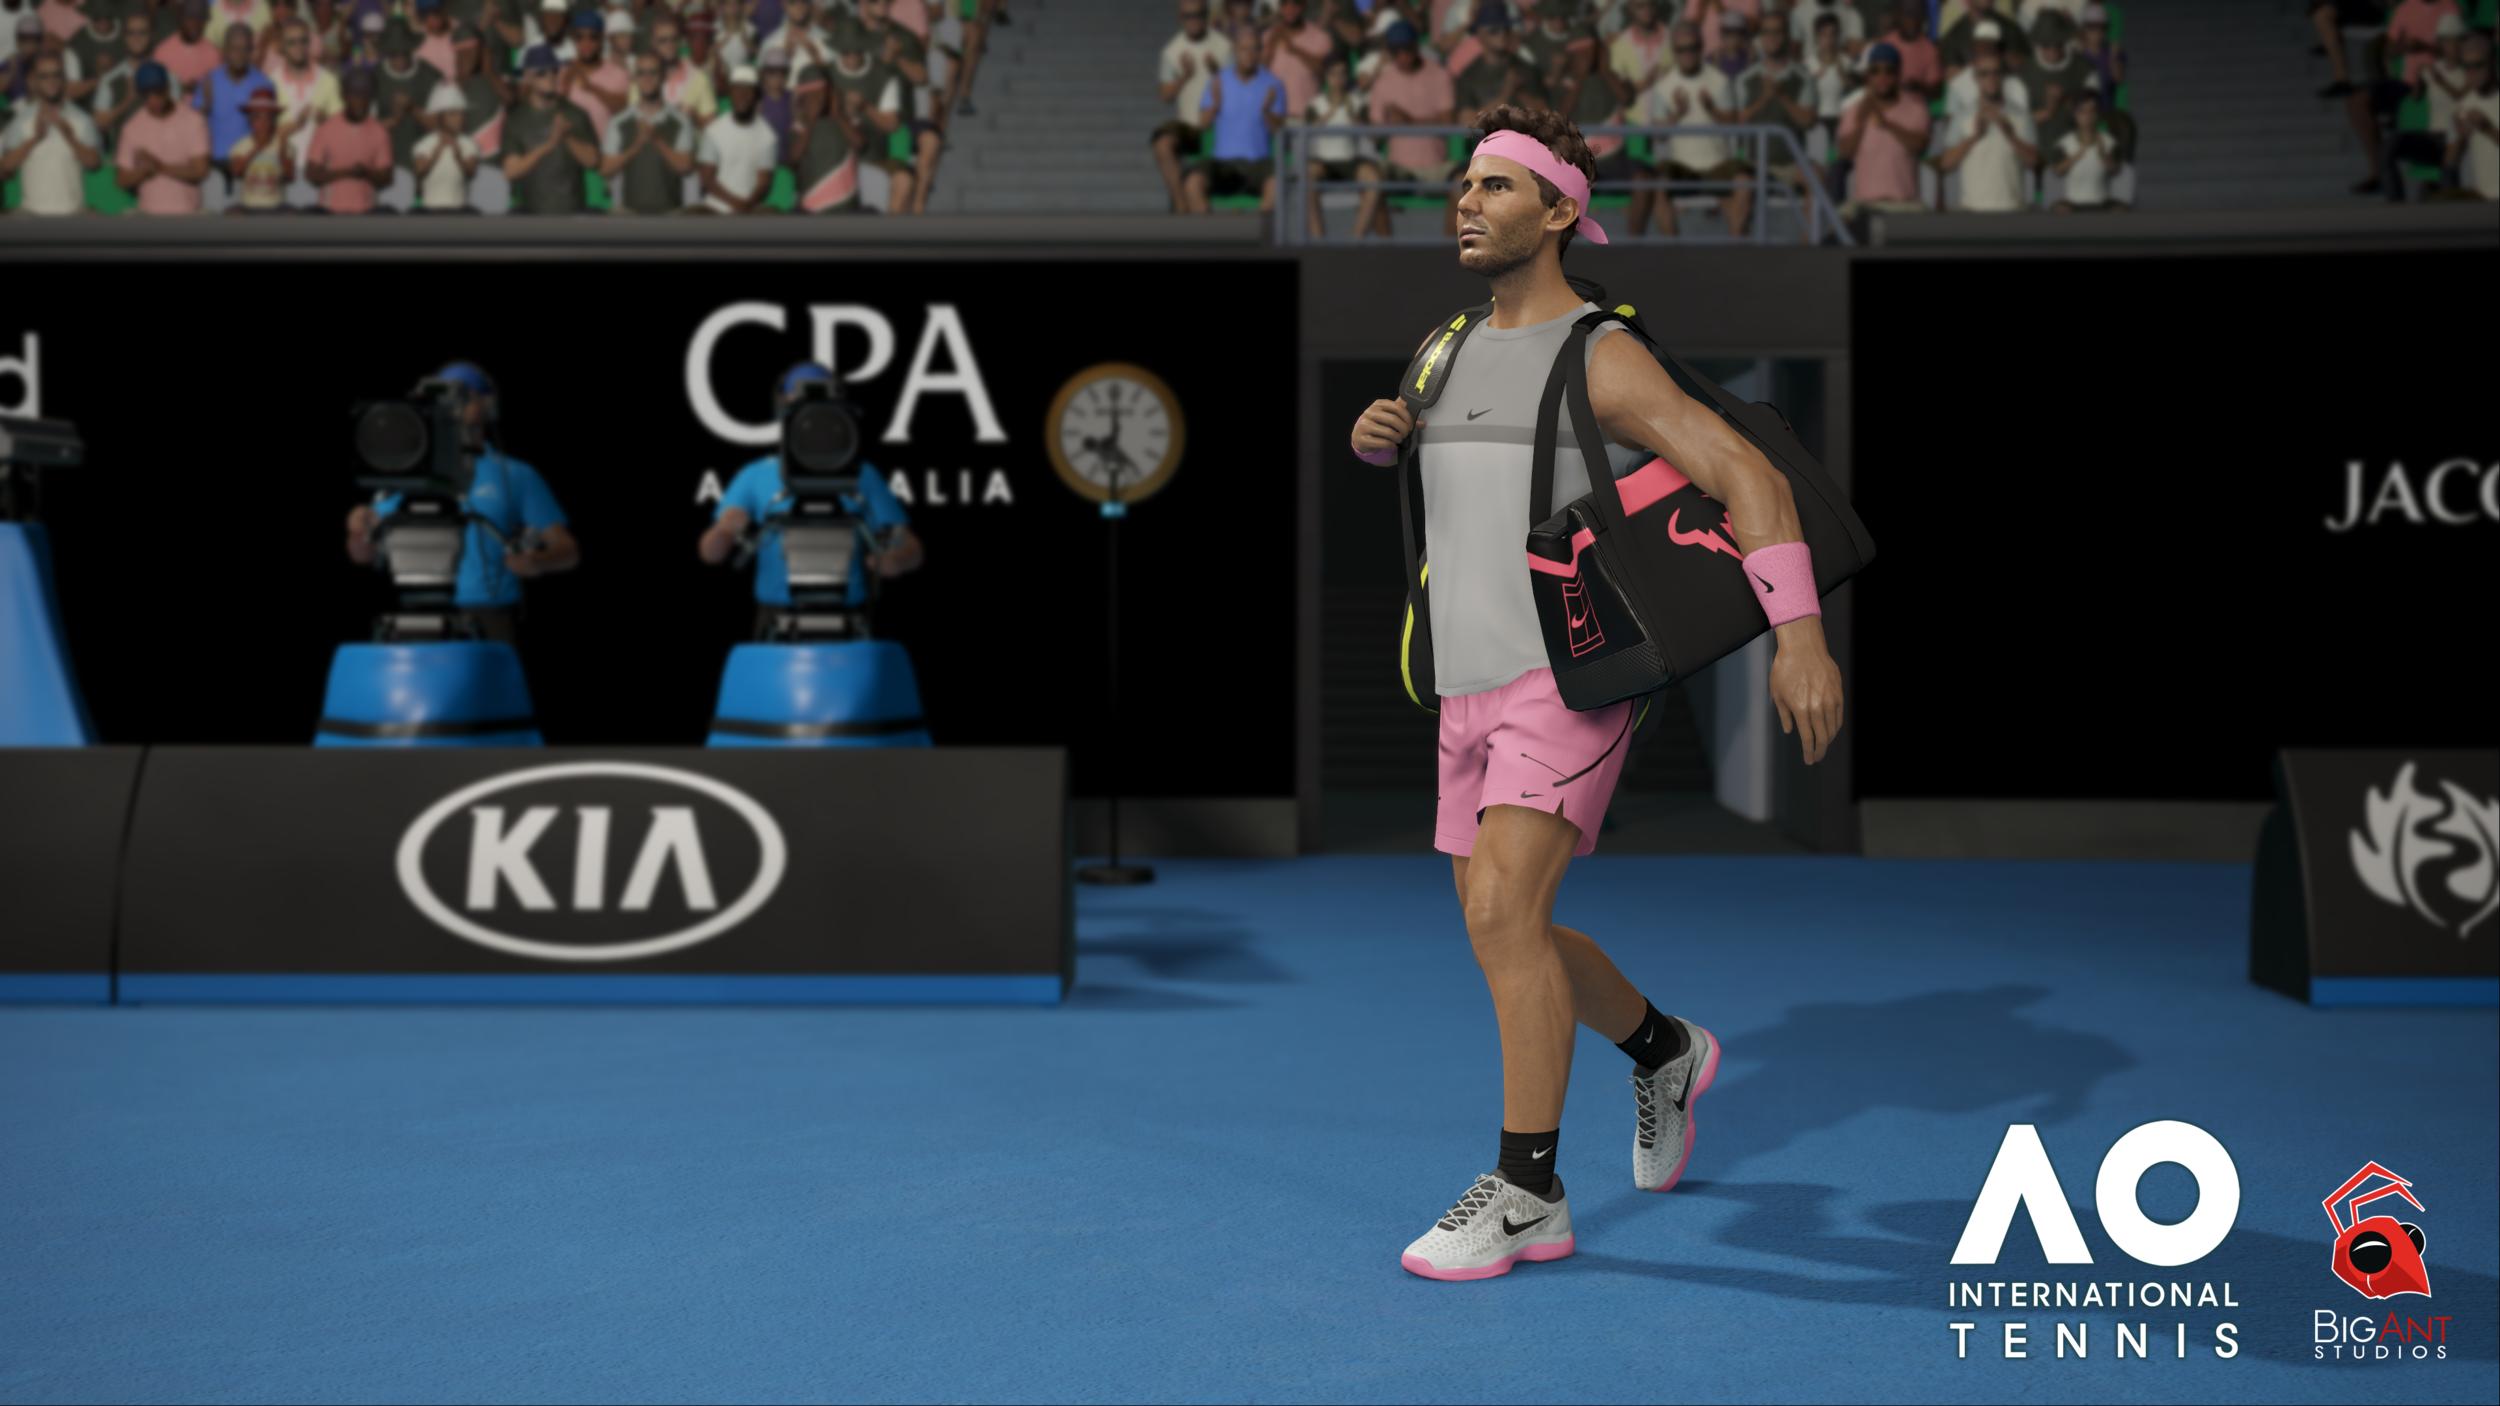 AO International Tennis Screenshot 4.png